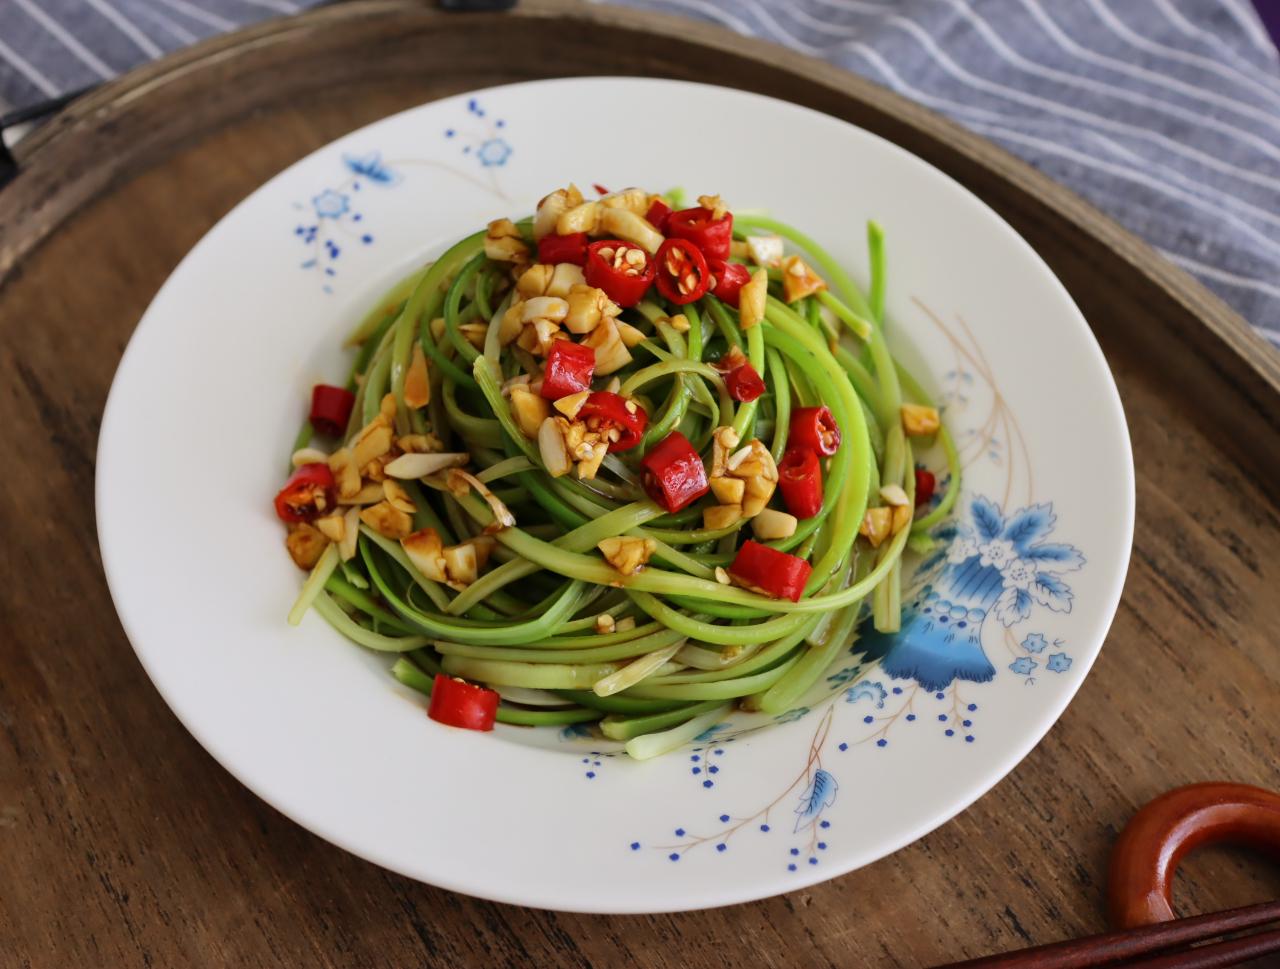 春天最好吃的应季蔬菜,5元一斤,简单拌一拌,清脆爽口越吃越瘦